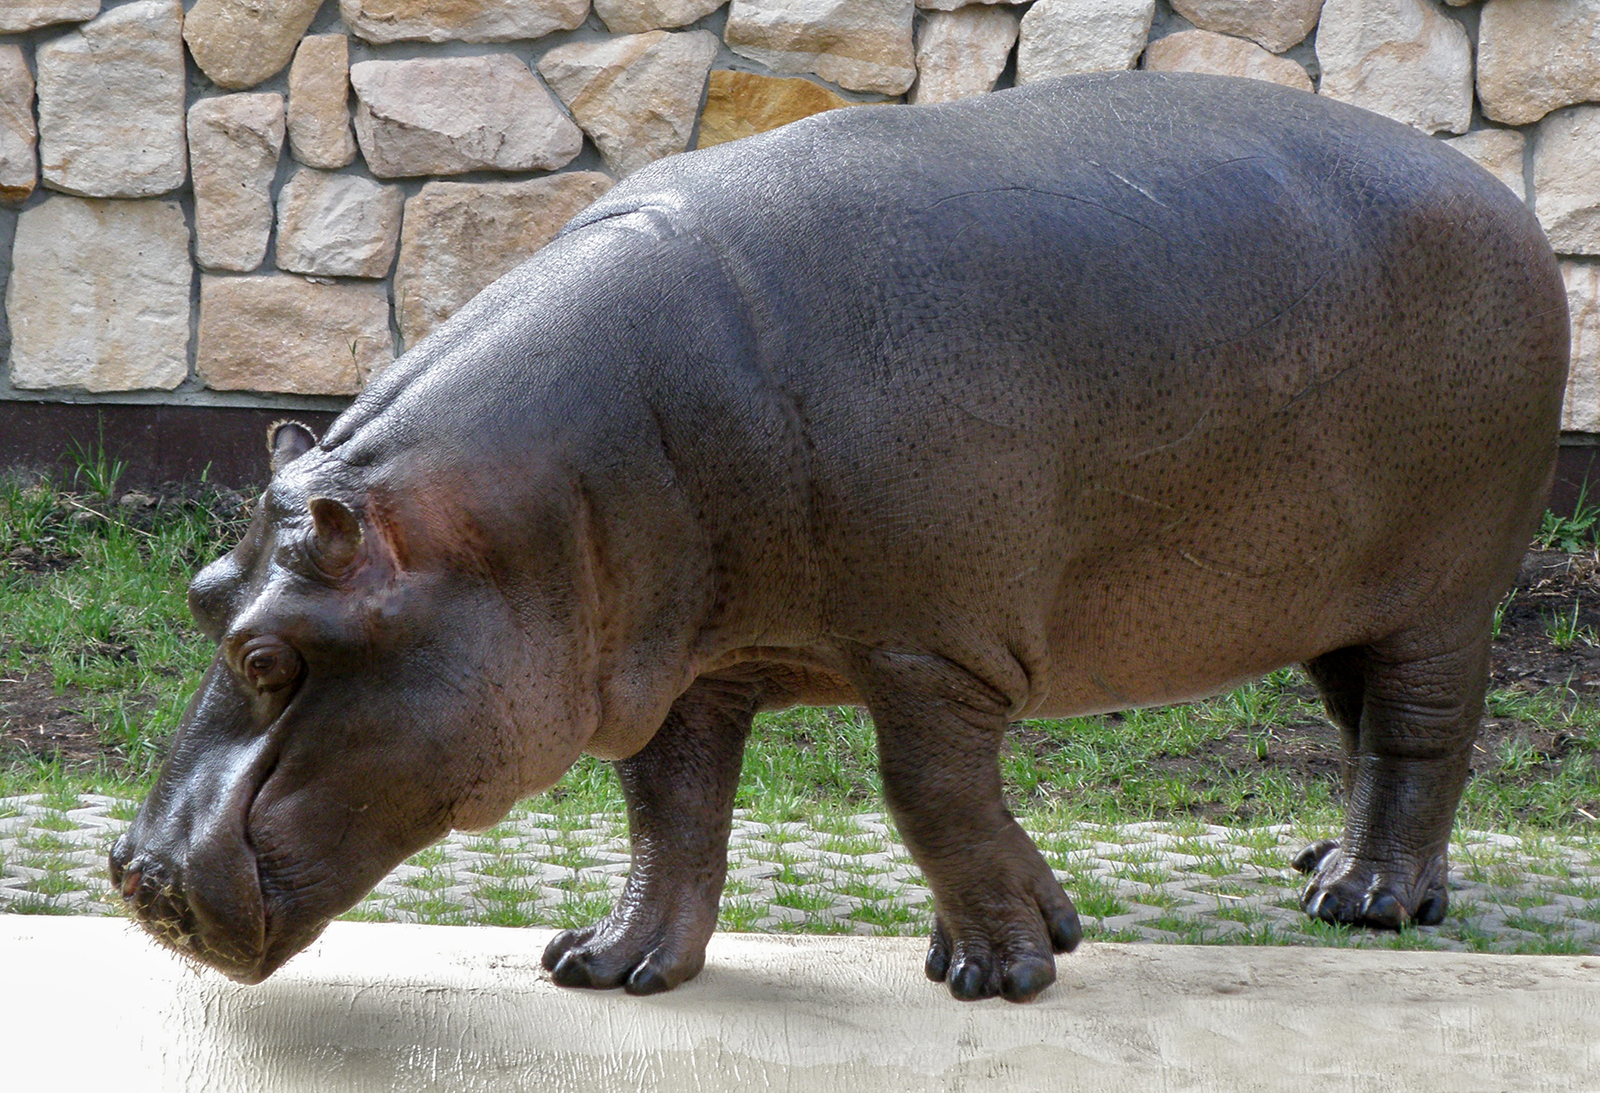 http://upload.wikimedia.org/wikipedia/commons/4/4b/Hipopotam_-_Warszawski_Ogrod_Zoologiczny.JPG